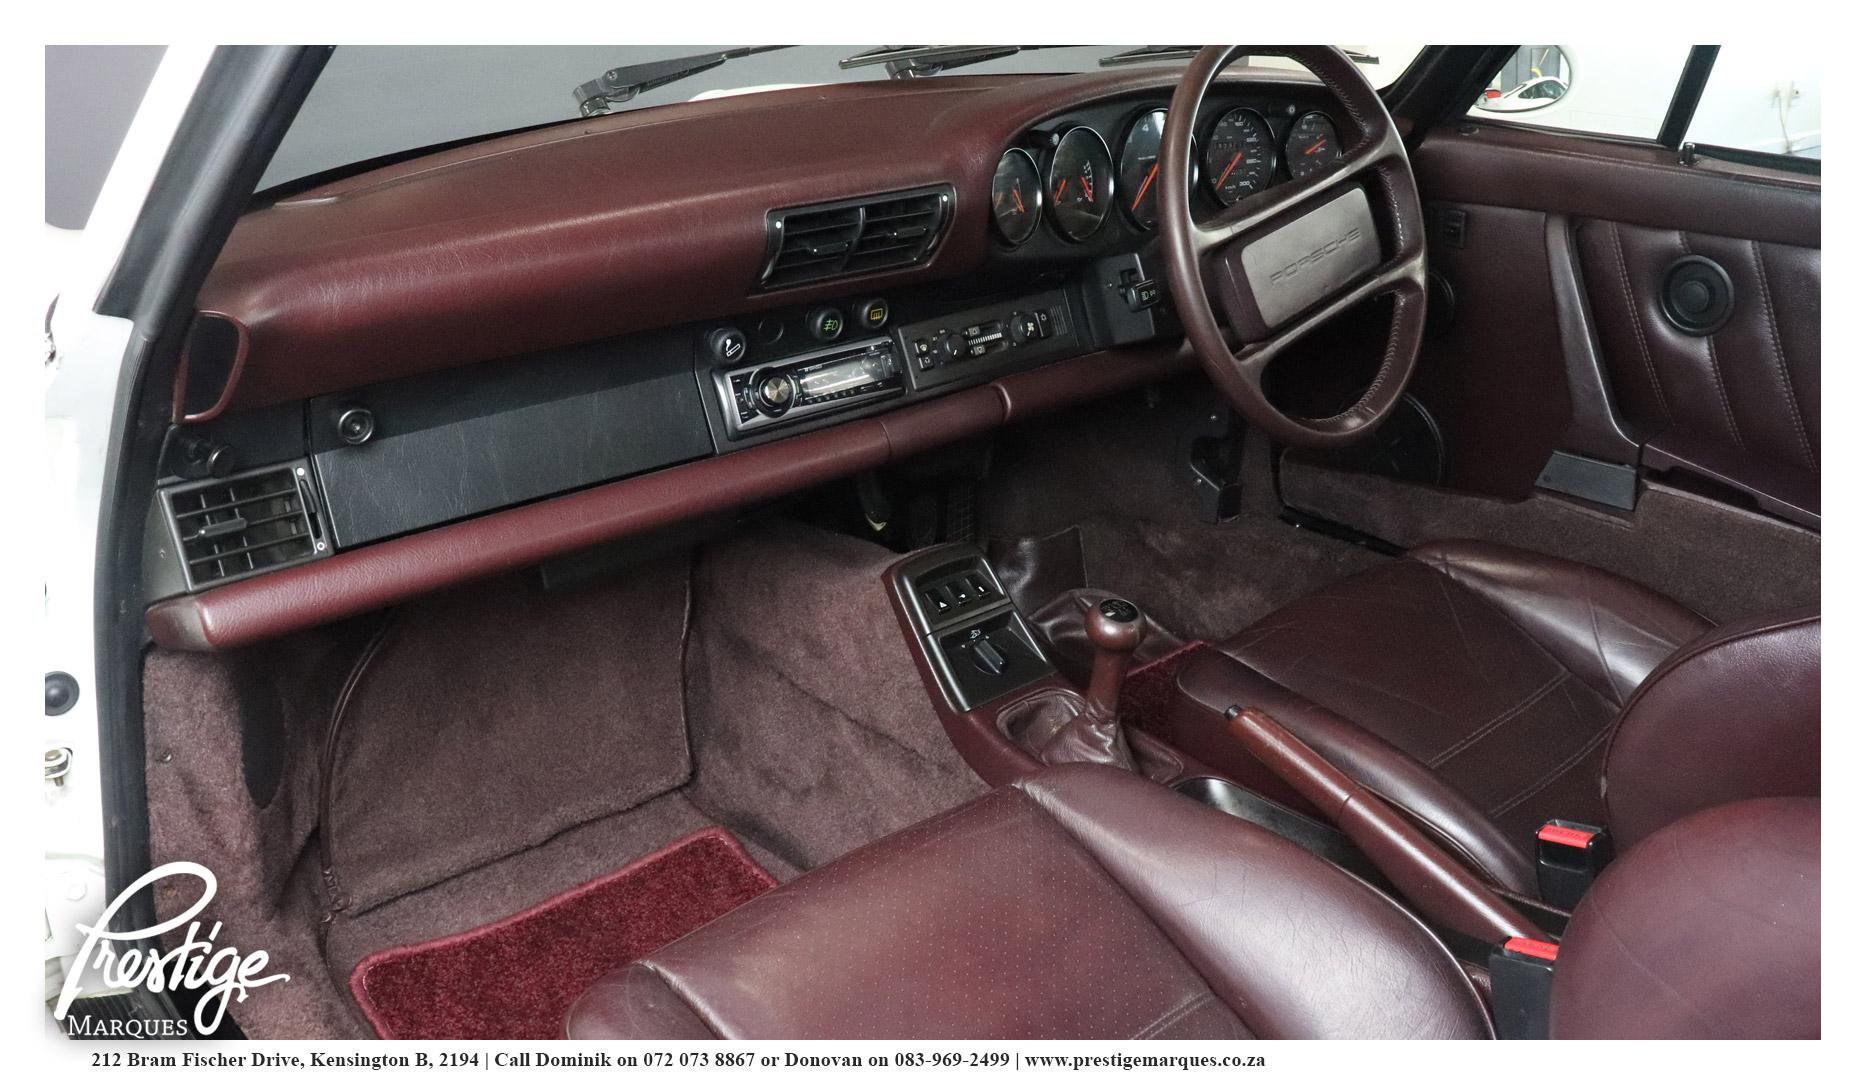 Prestige-Marques-1990-Porsche-964-Carrera 2-Manual-15